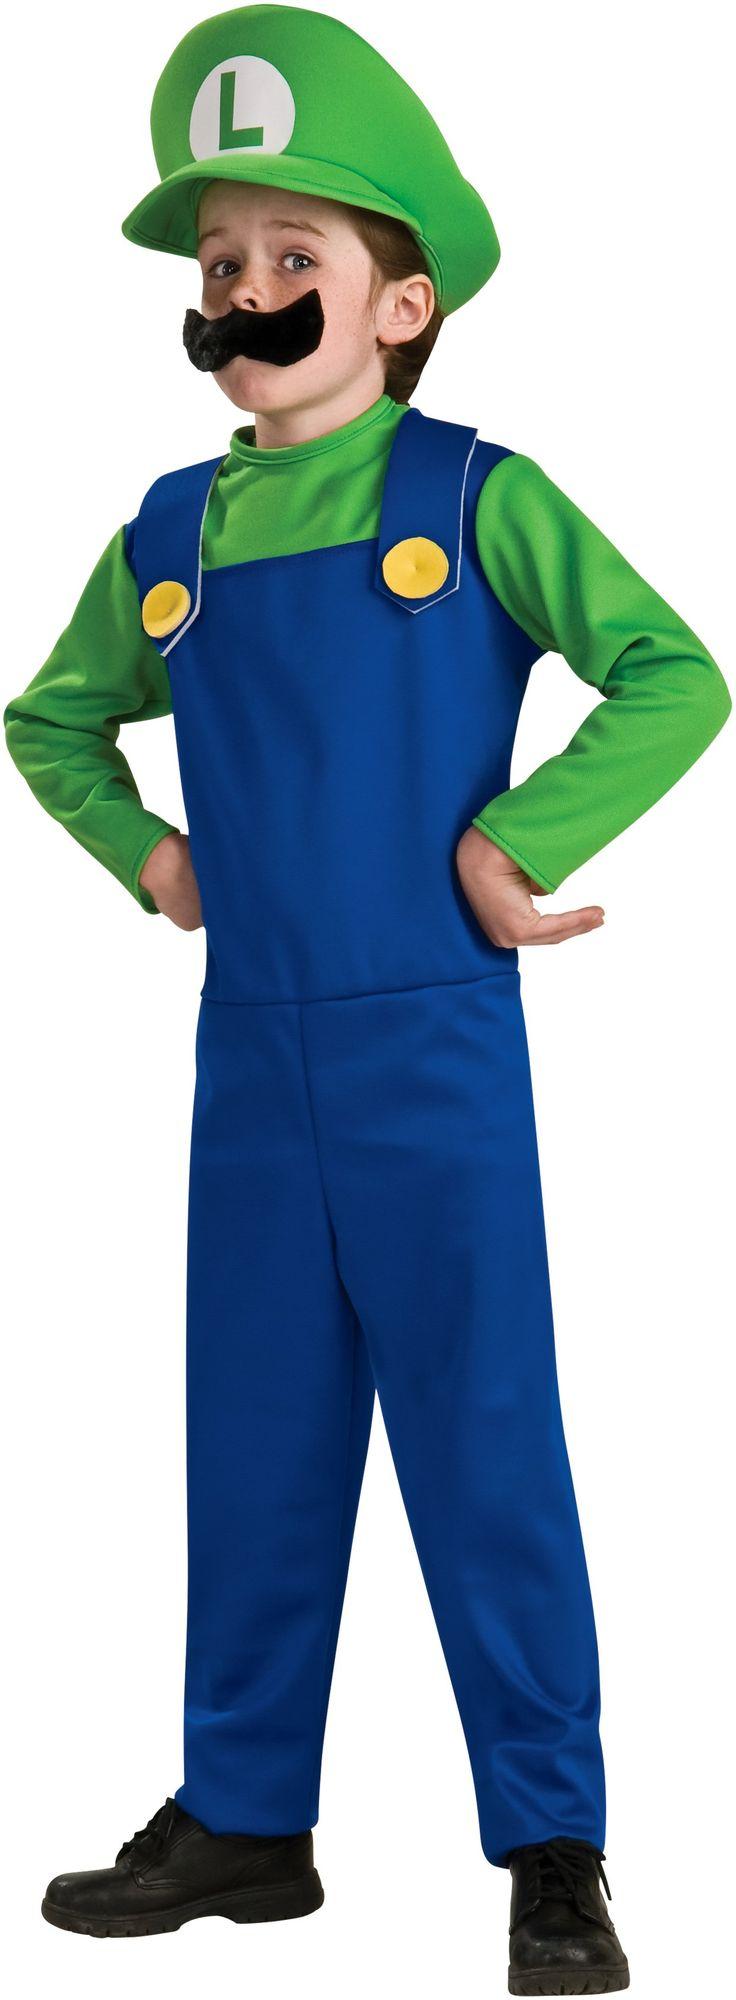 Super Mario Bros. - Luigi Toddler/Child Costume